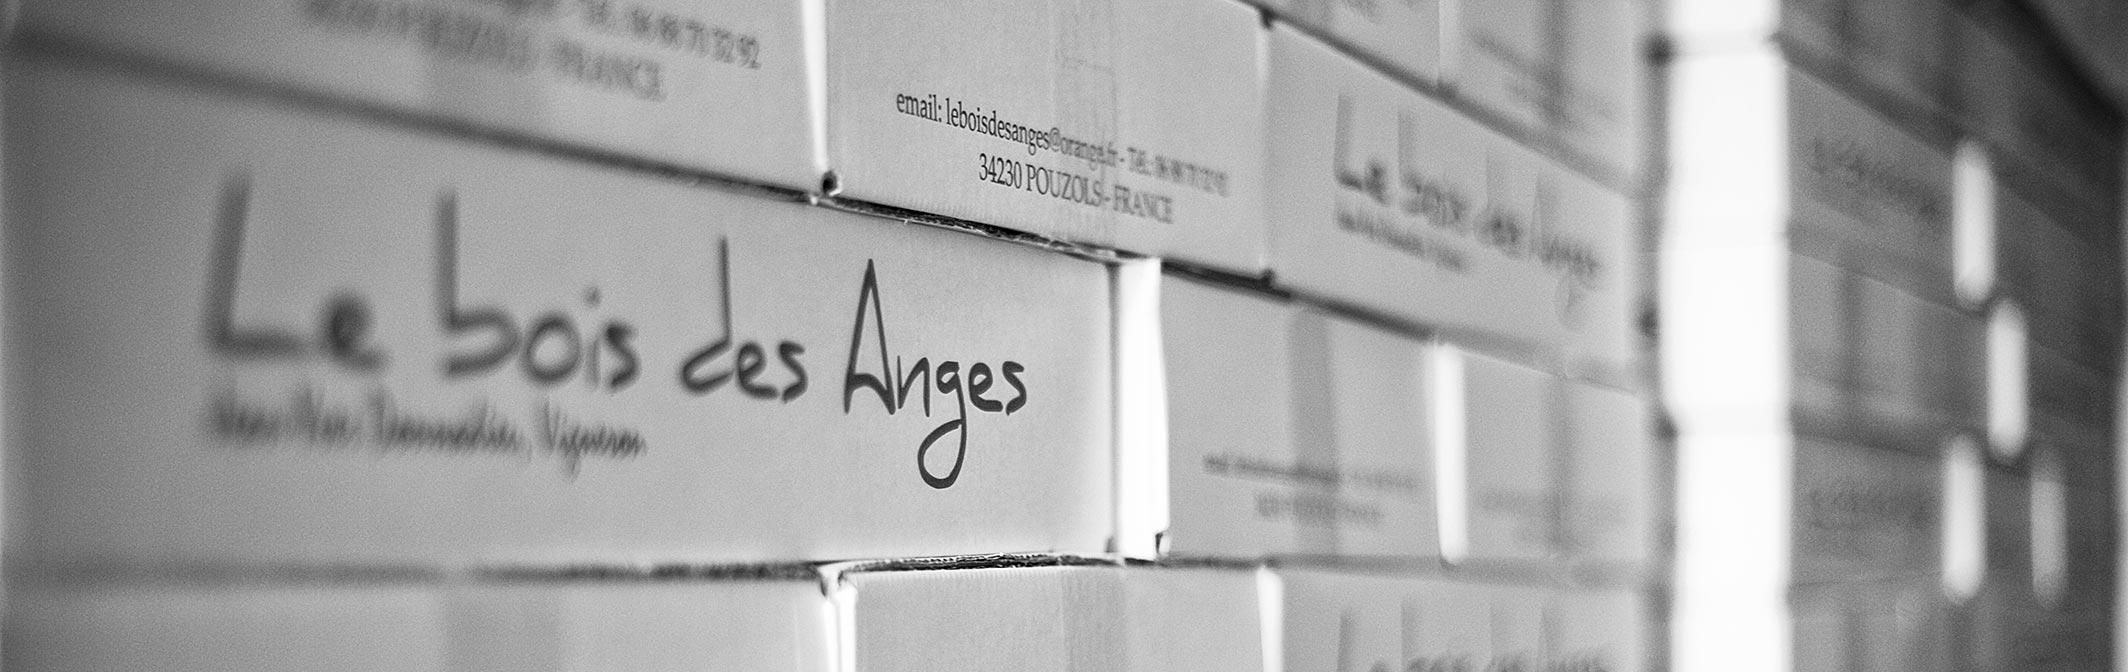 Le bois des Anges chez les Cavistes, restaurateurs et bar à vin du pays coeur d'Hérault